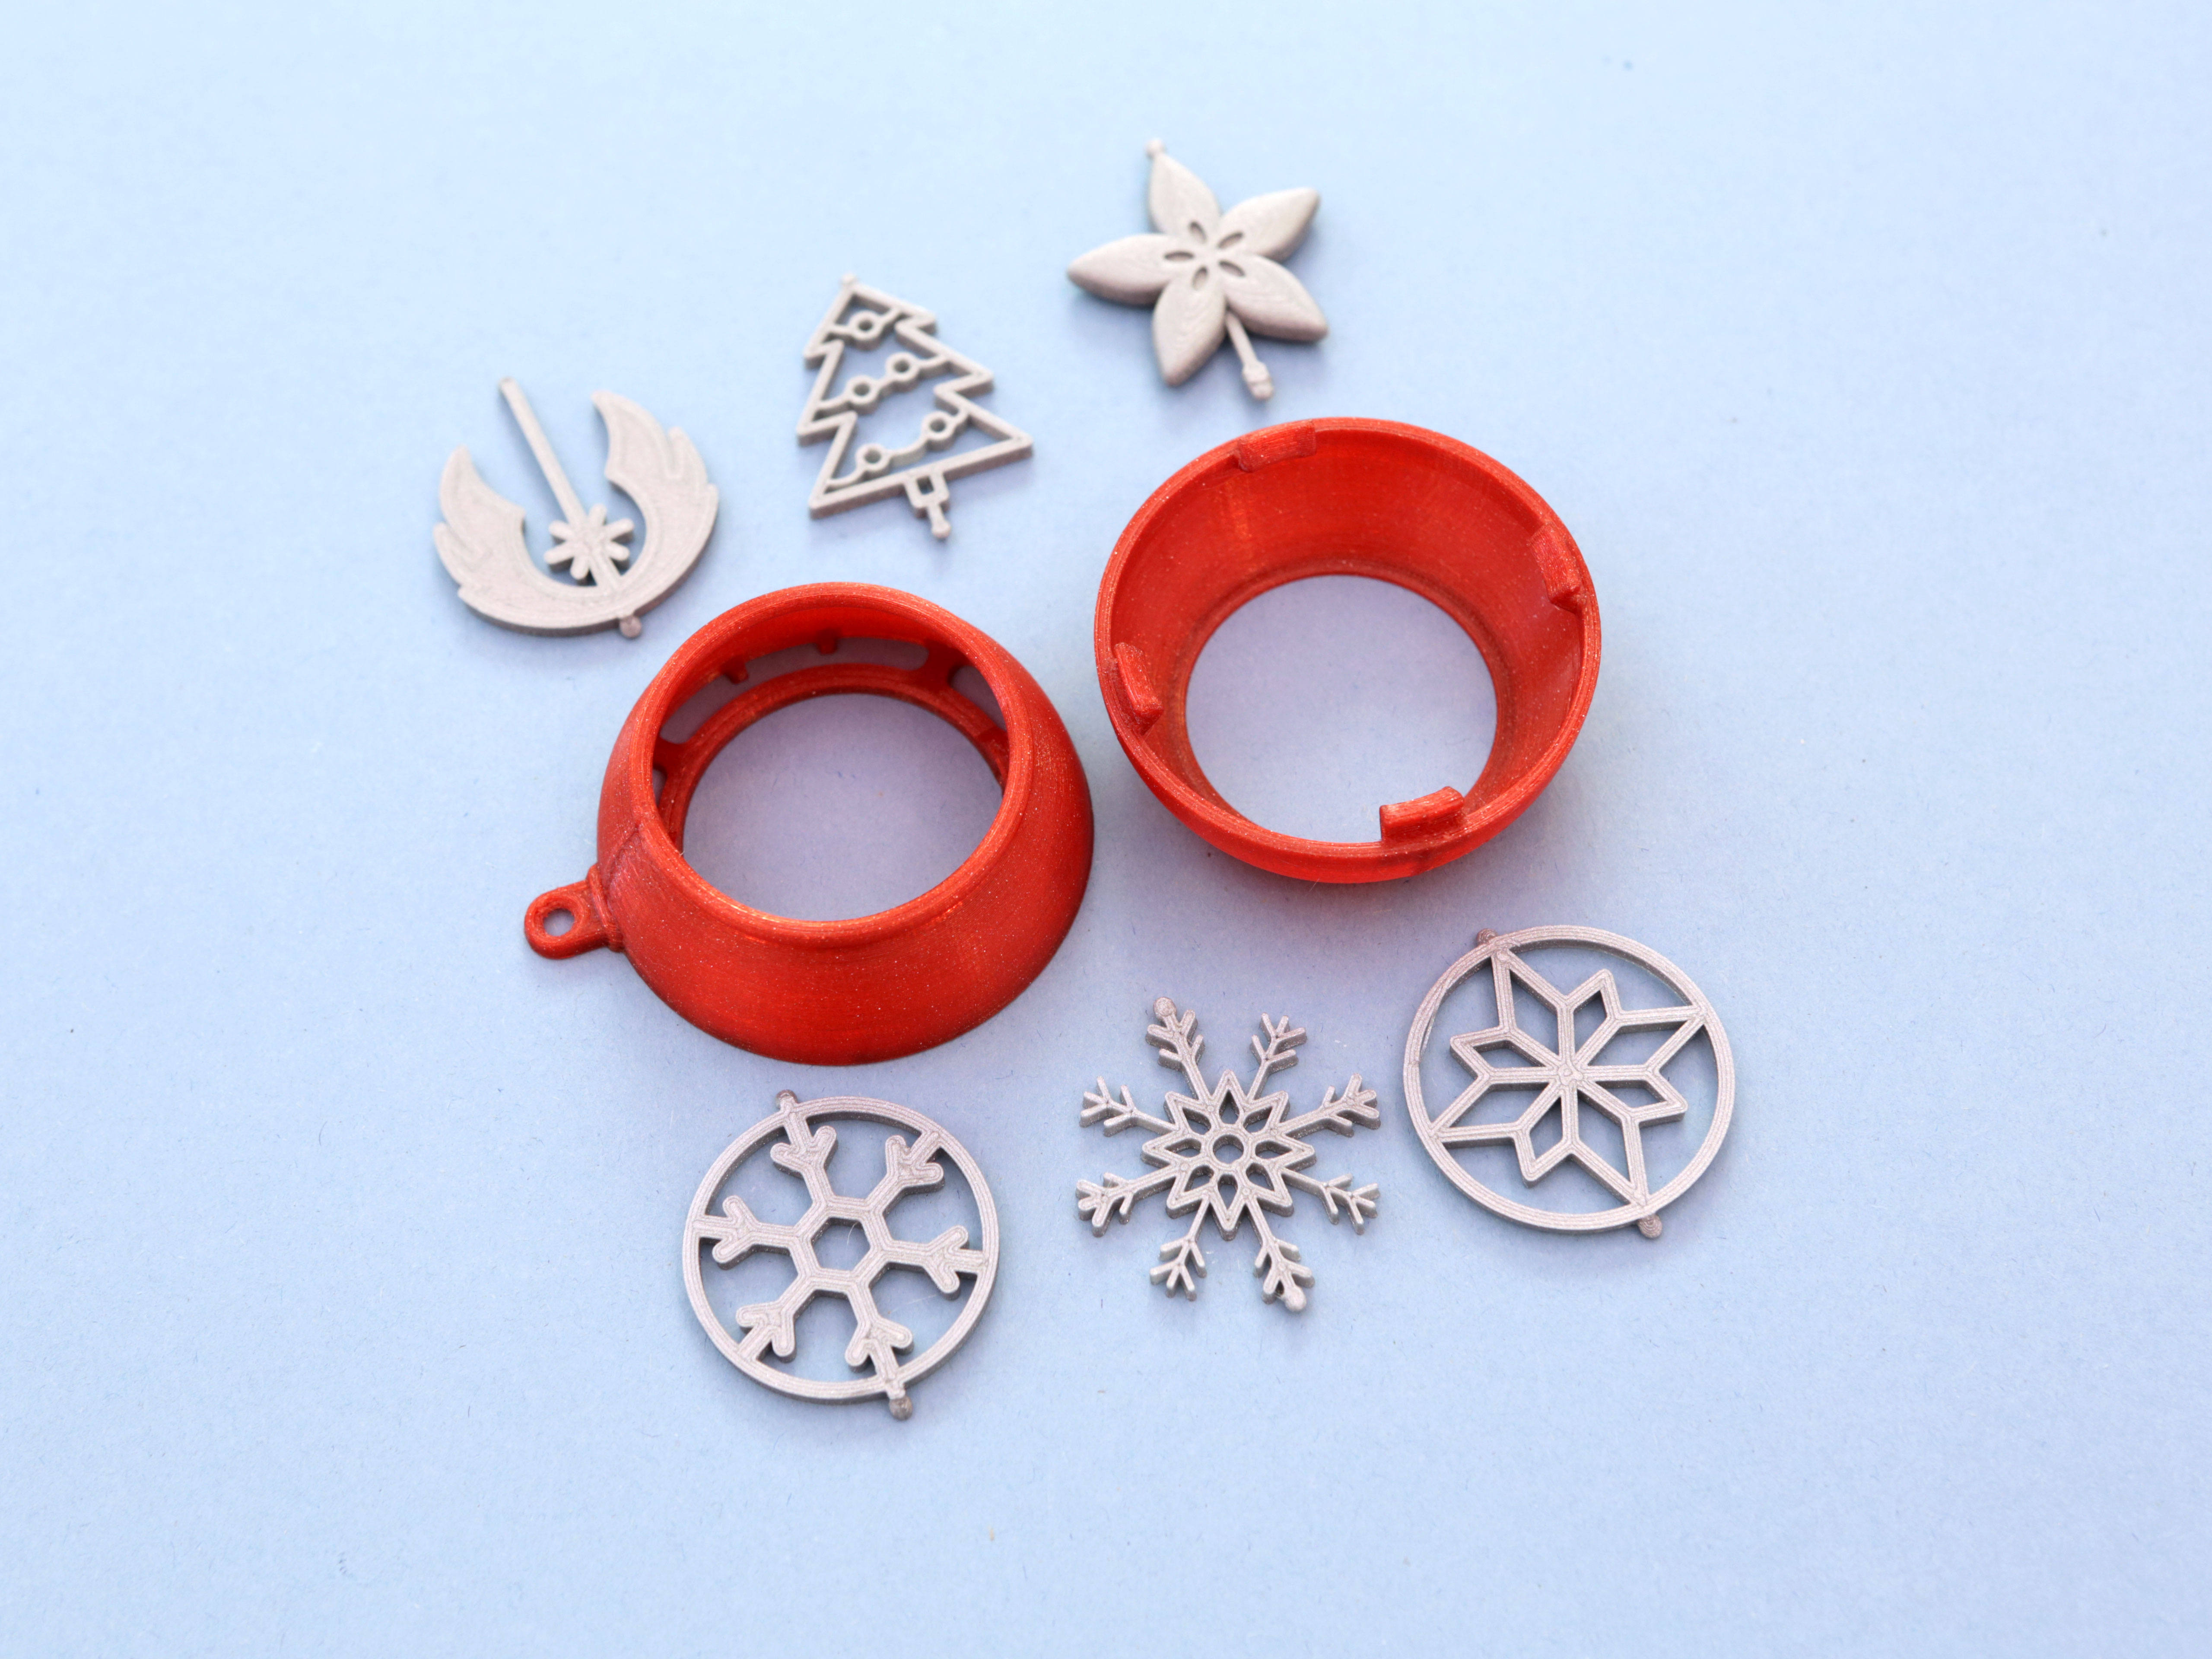 3d_printing_3d-parts-ornaments.jpg